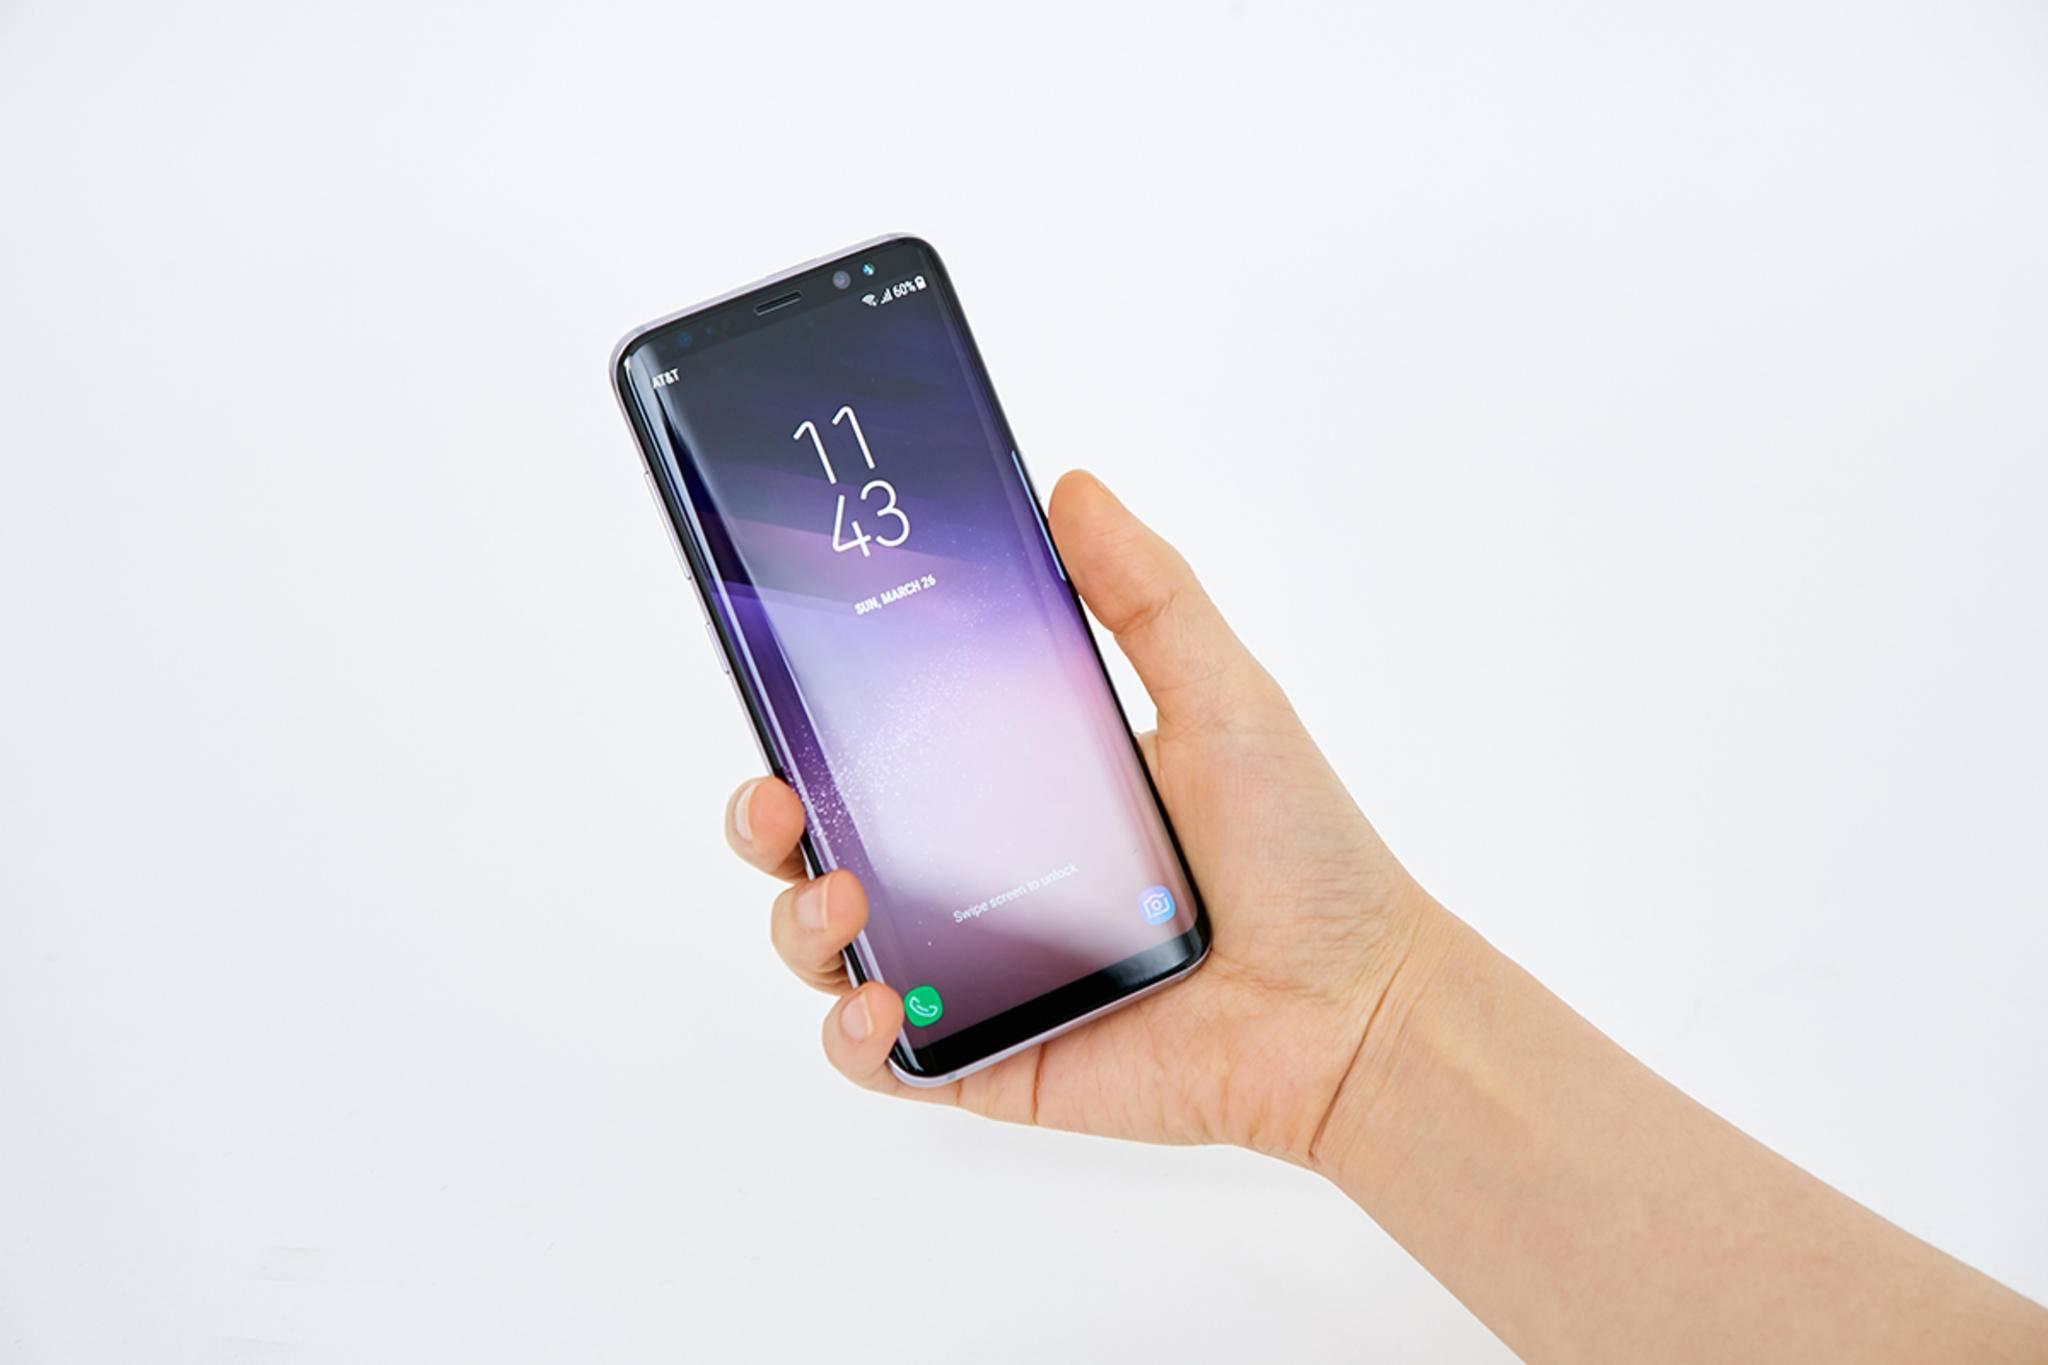 Das beinahe randlose Display des Galaxy S8 ist ein Hingucker.